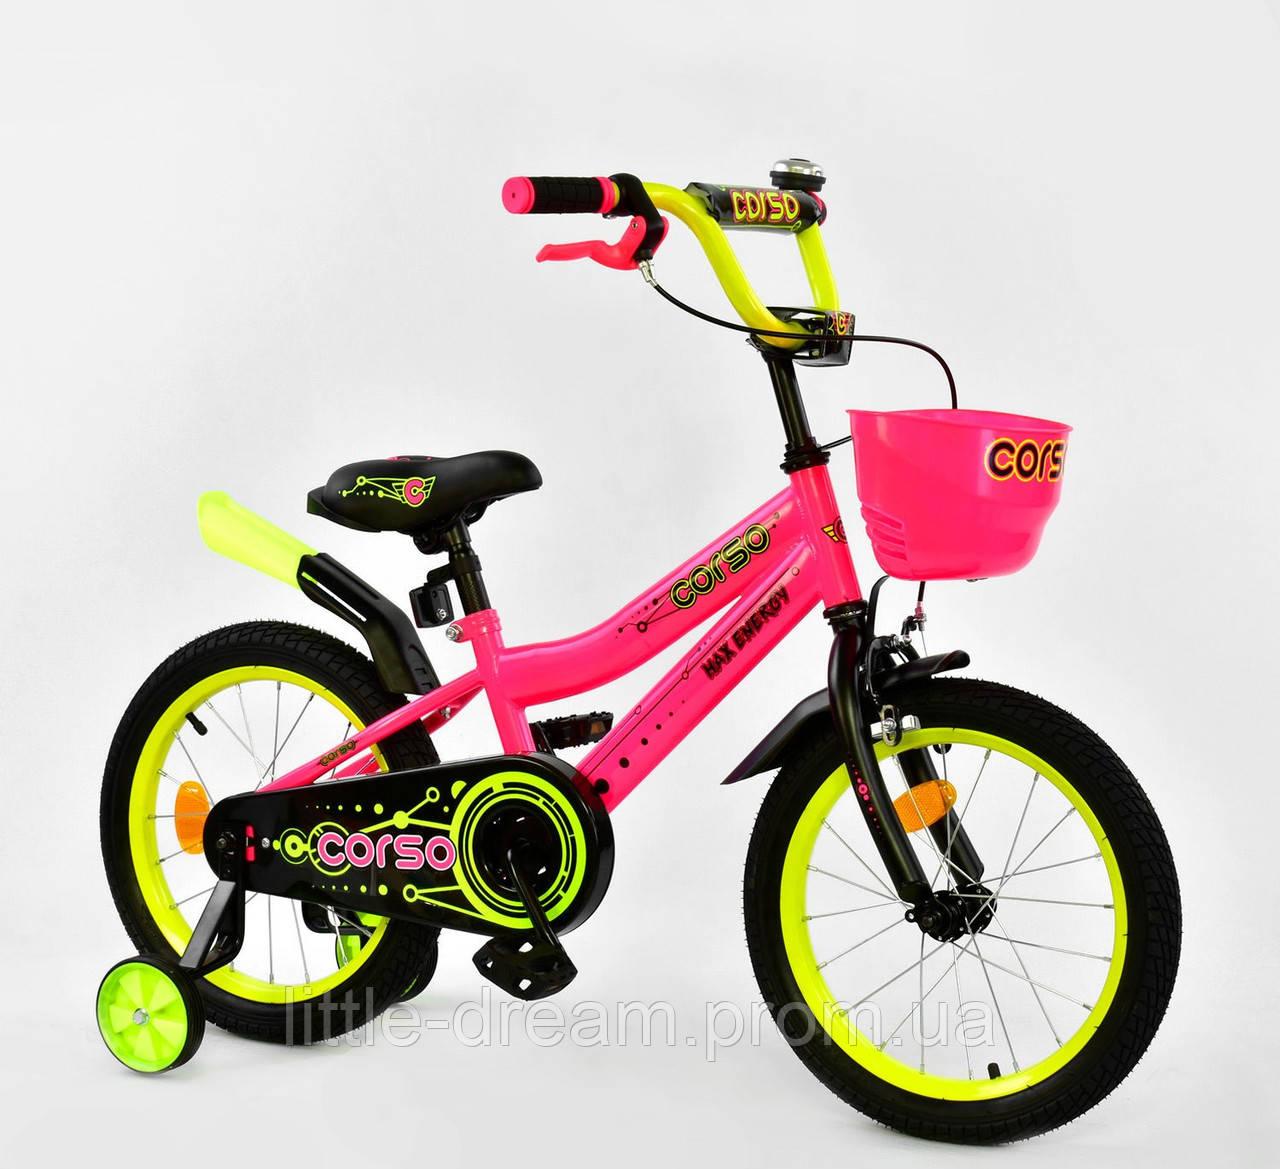 """Велосипед 16"""" дюймов 2-х колёсный R-16509 """"CORSO"""", ручной тормоз, звоночек, сидение с ручкой, дополнительные колеса"""